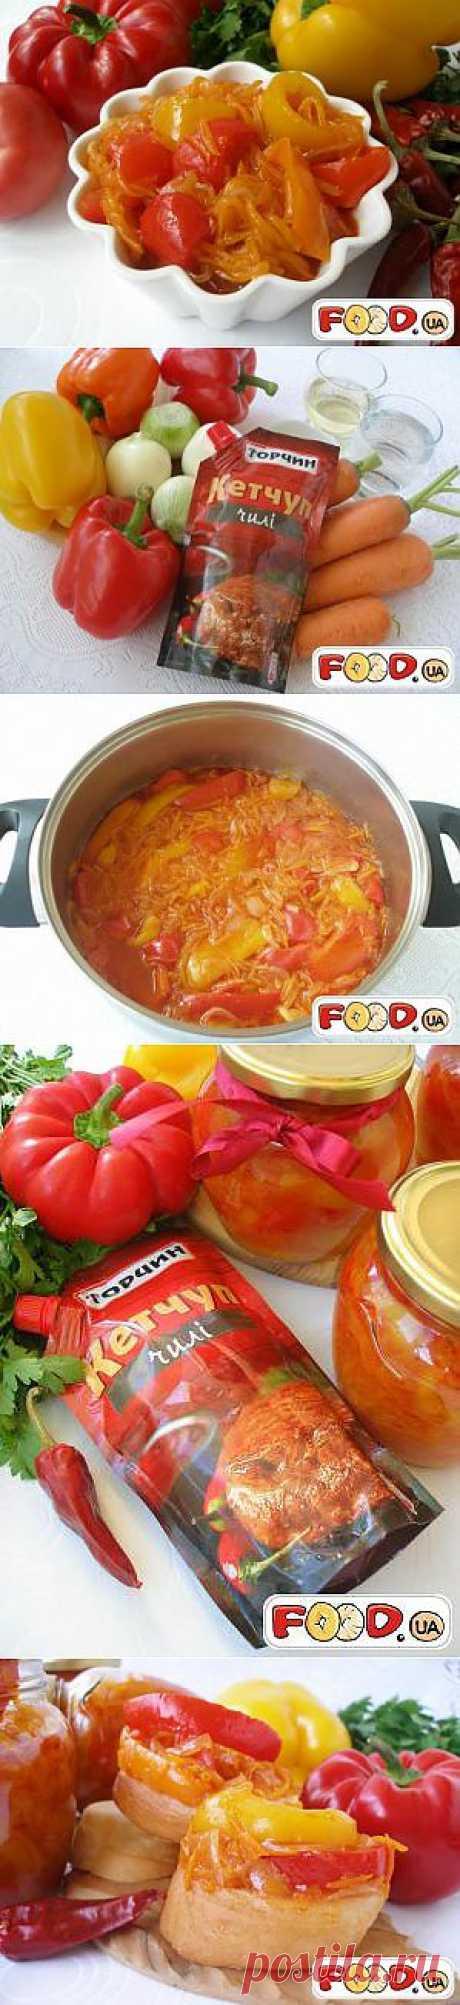 Овочеве лечо з кетчупом «Чилі» - Кулинарные рецепты на Food.ua